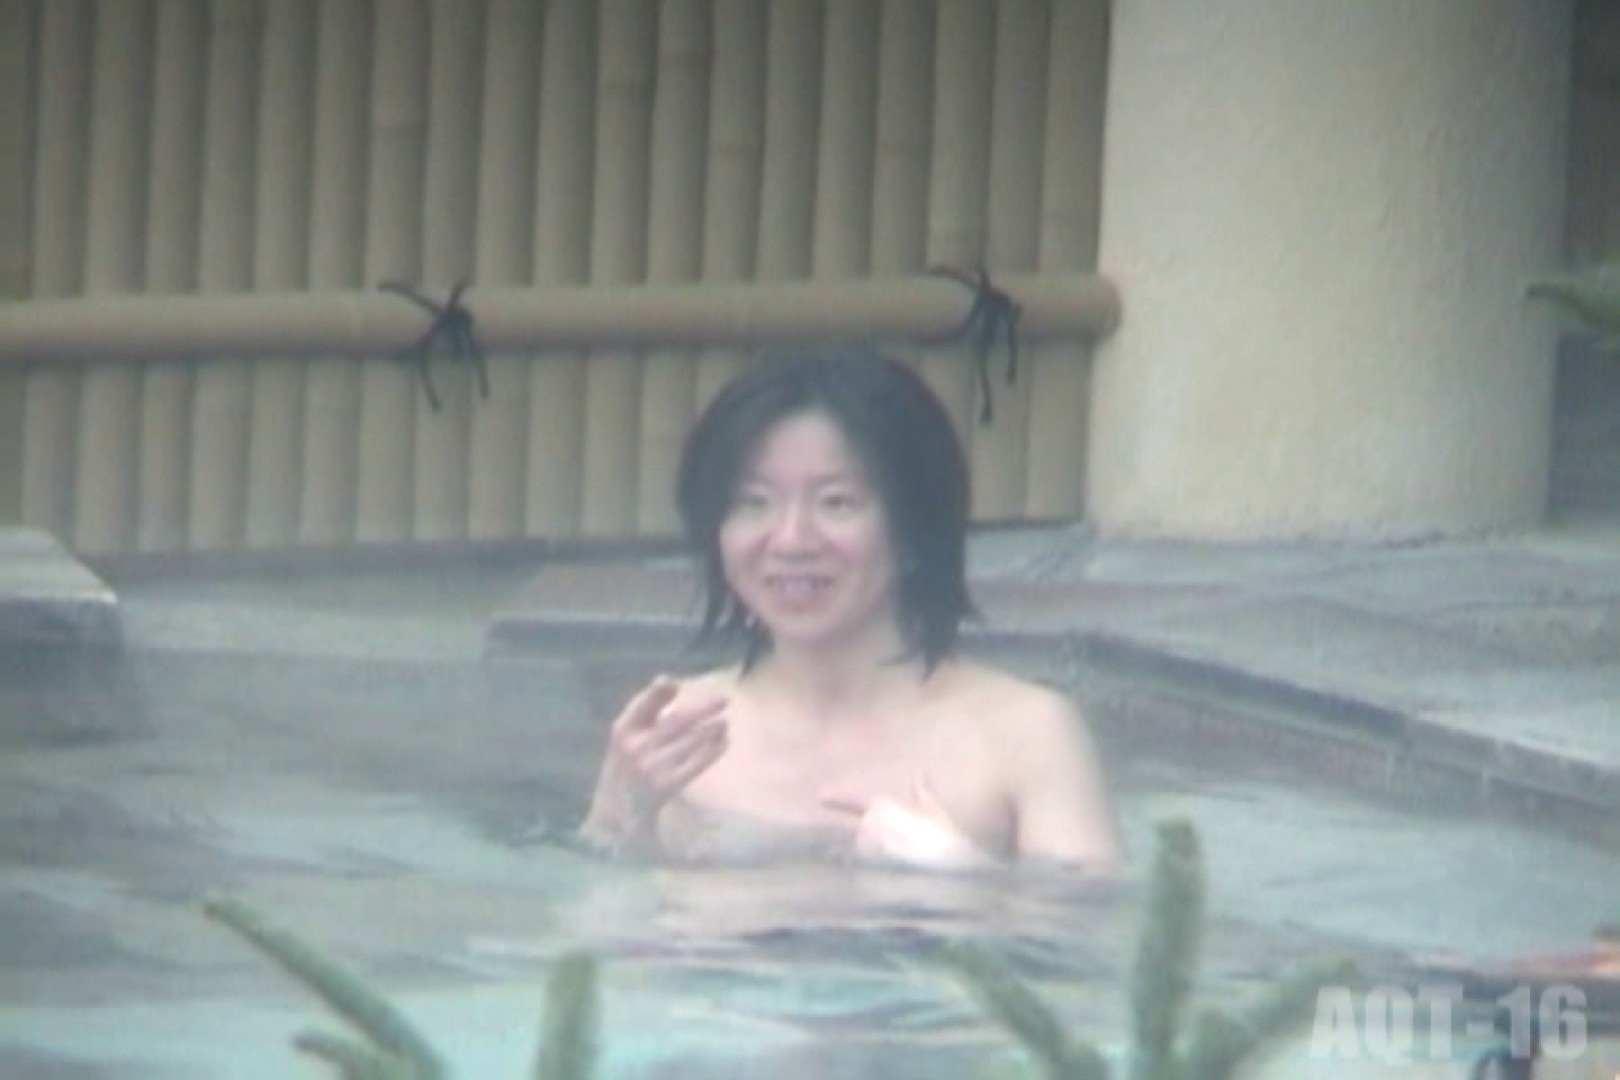 Aquaな露天風呂Vol.841 盗撮  56画像 45